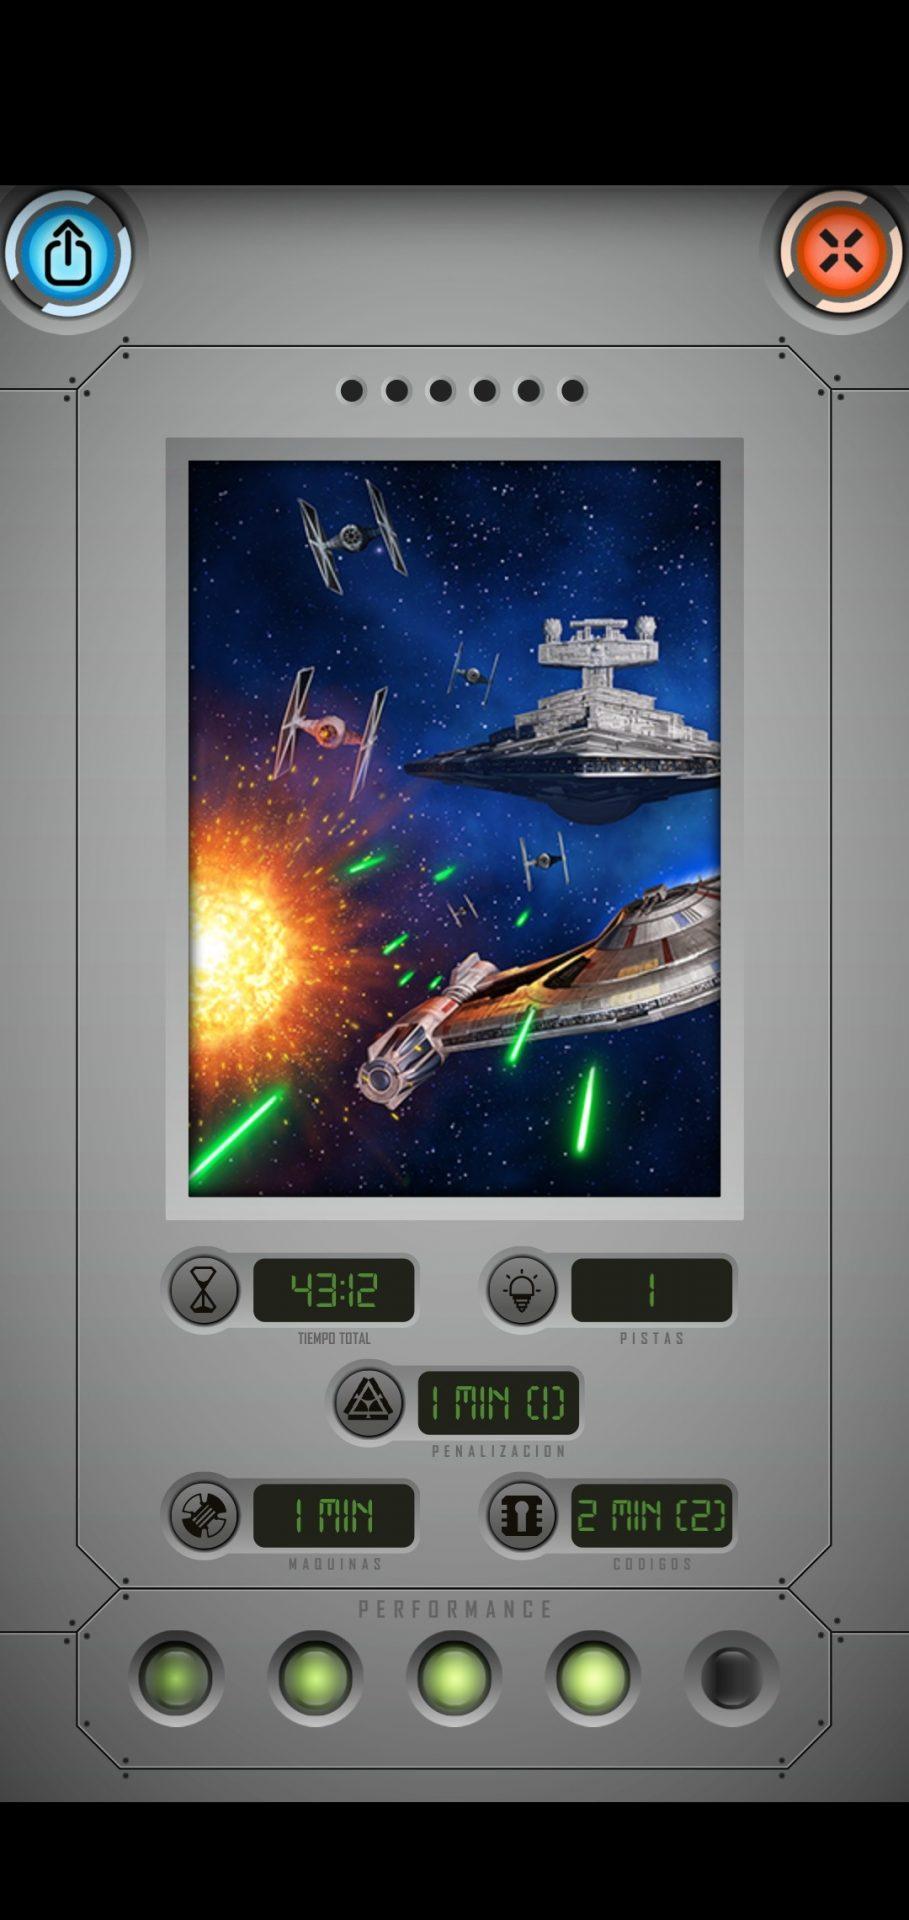 Final de partida de segunda partida de Star Wars: Escape Game